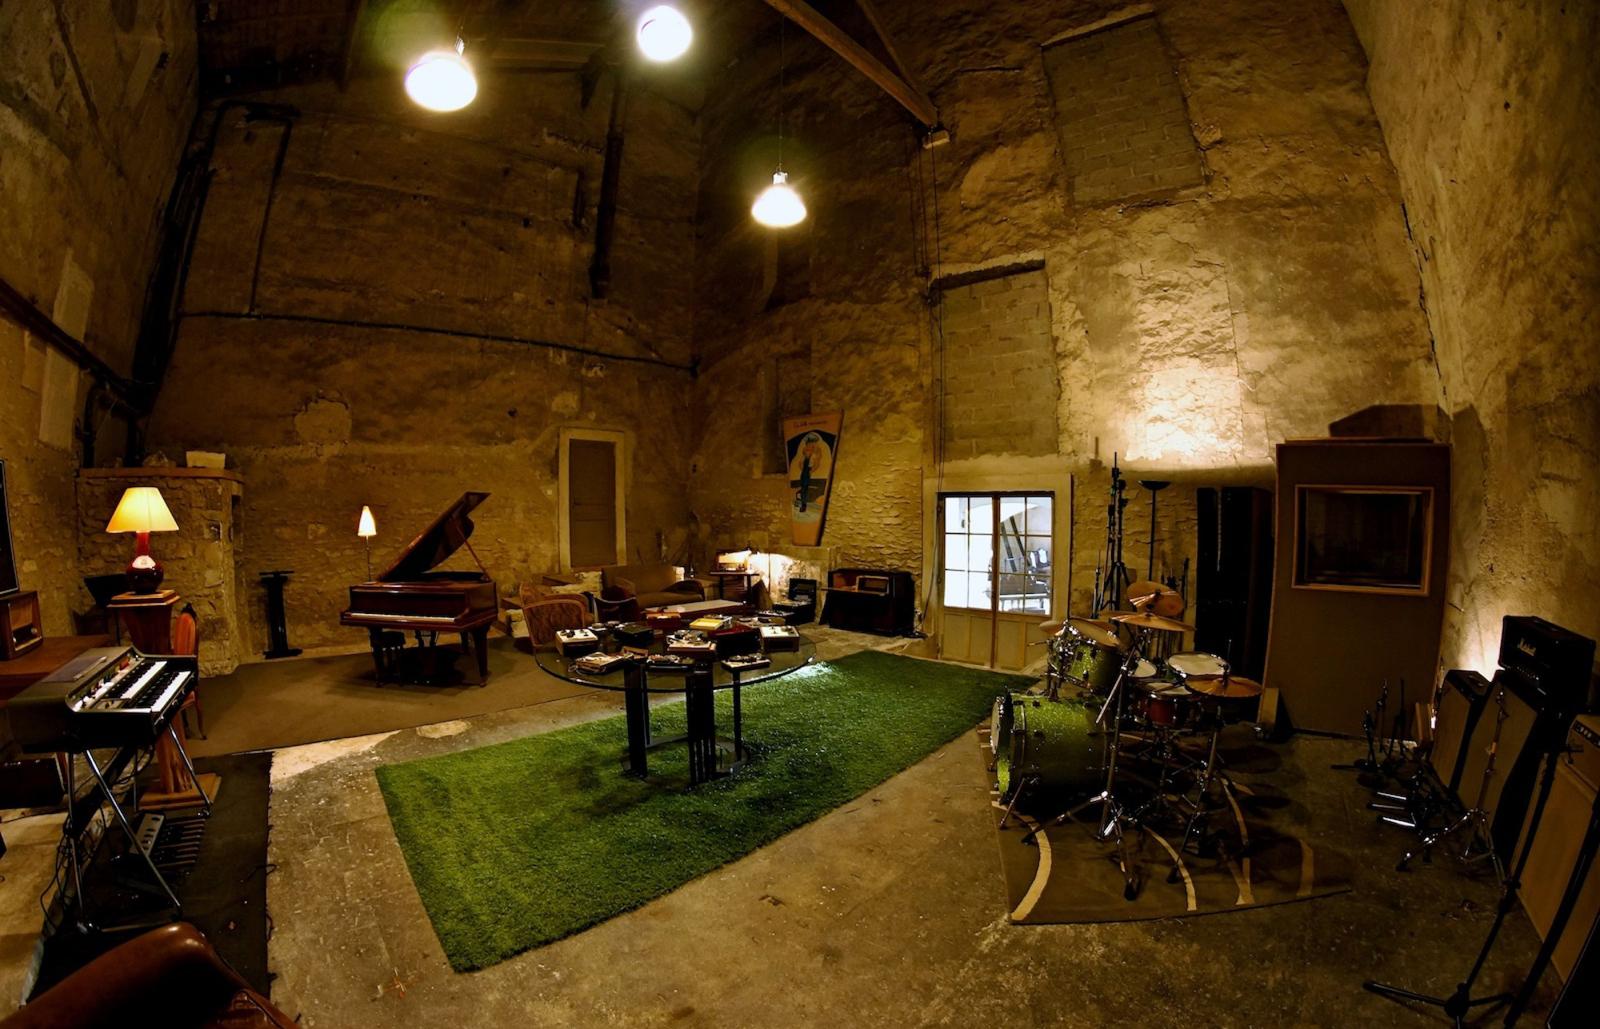 Image 2 of La Fabrique recording studio. Courtesy of the studio